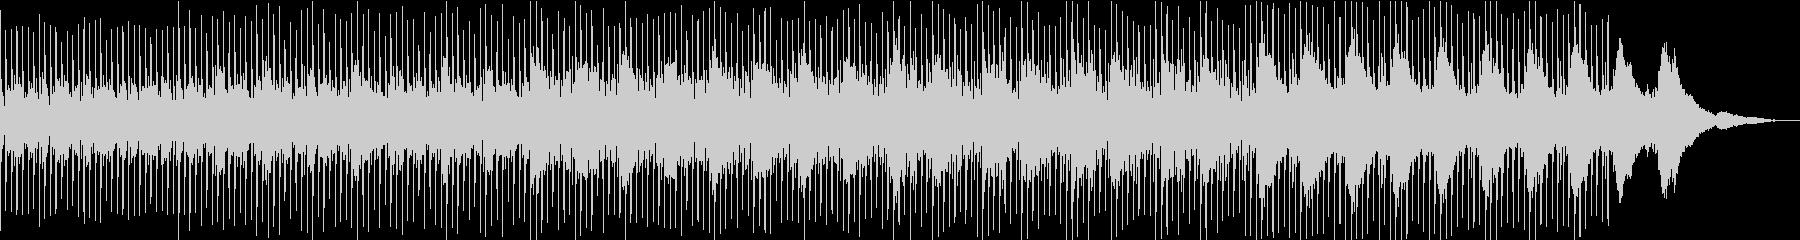 爽やかで透き通るアコギ曲の未再生の波形